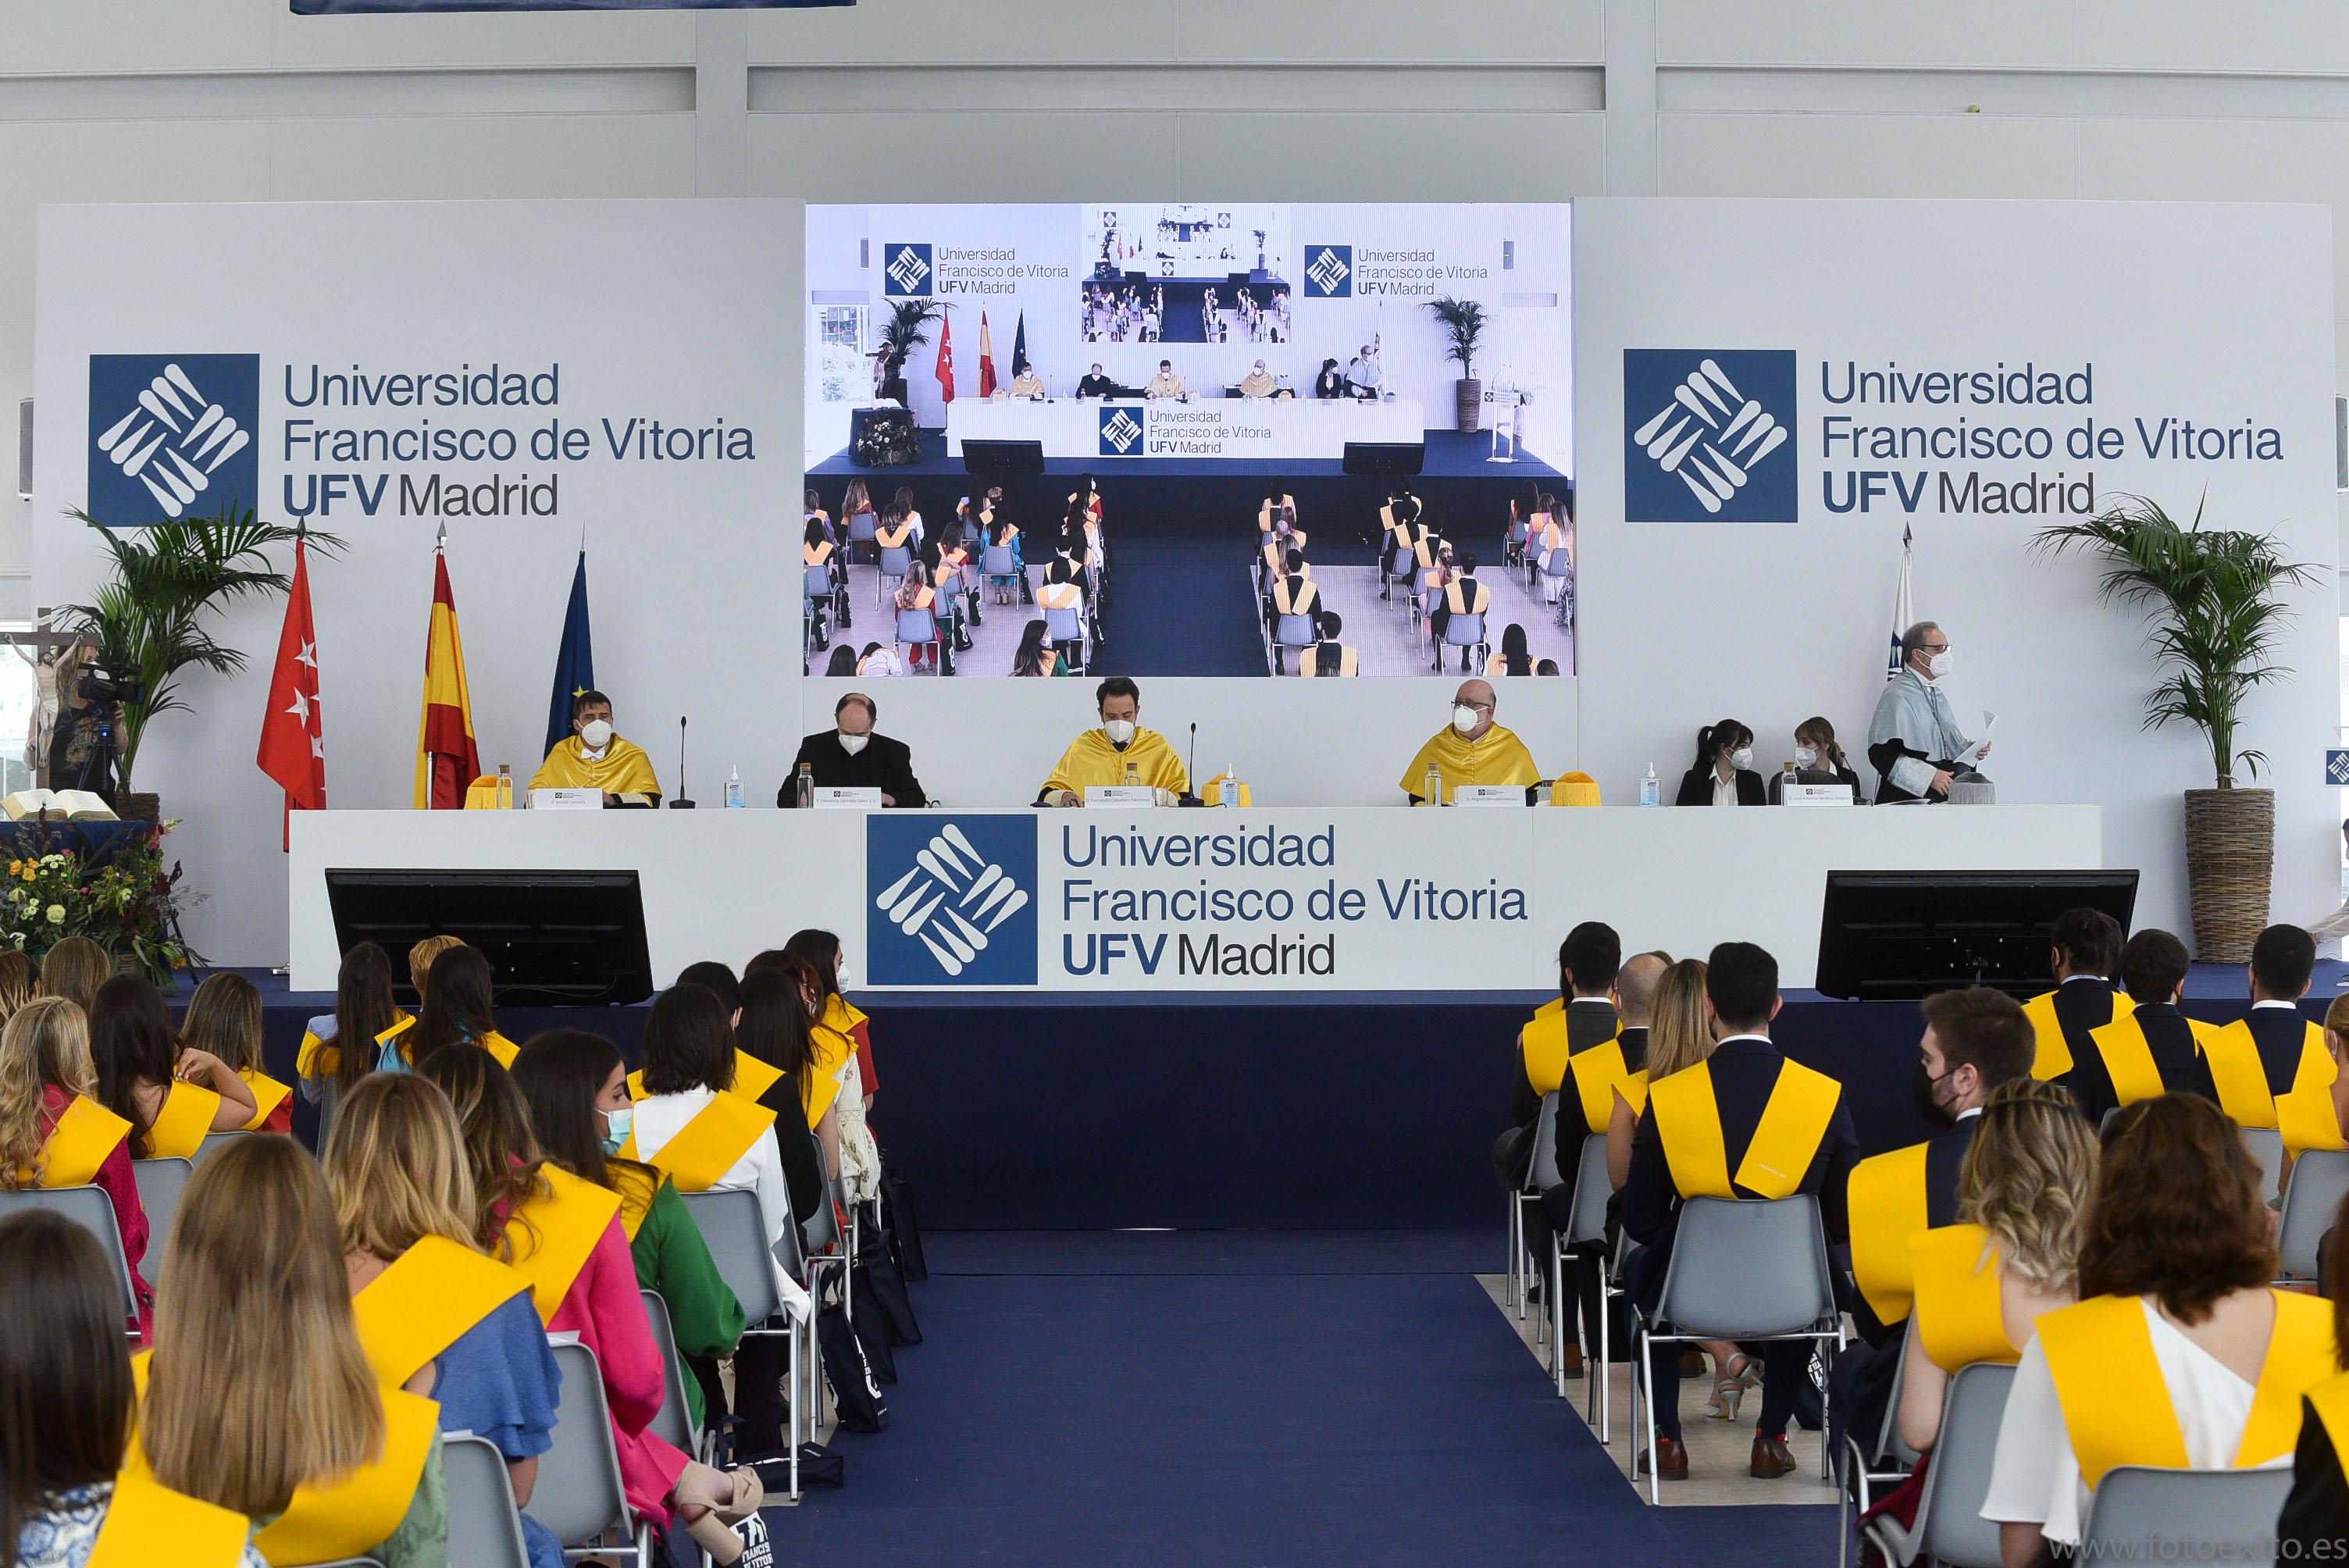 210605UFVAM 873 Actos académicos Estudiar en Universidad Privada Madrid